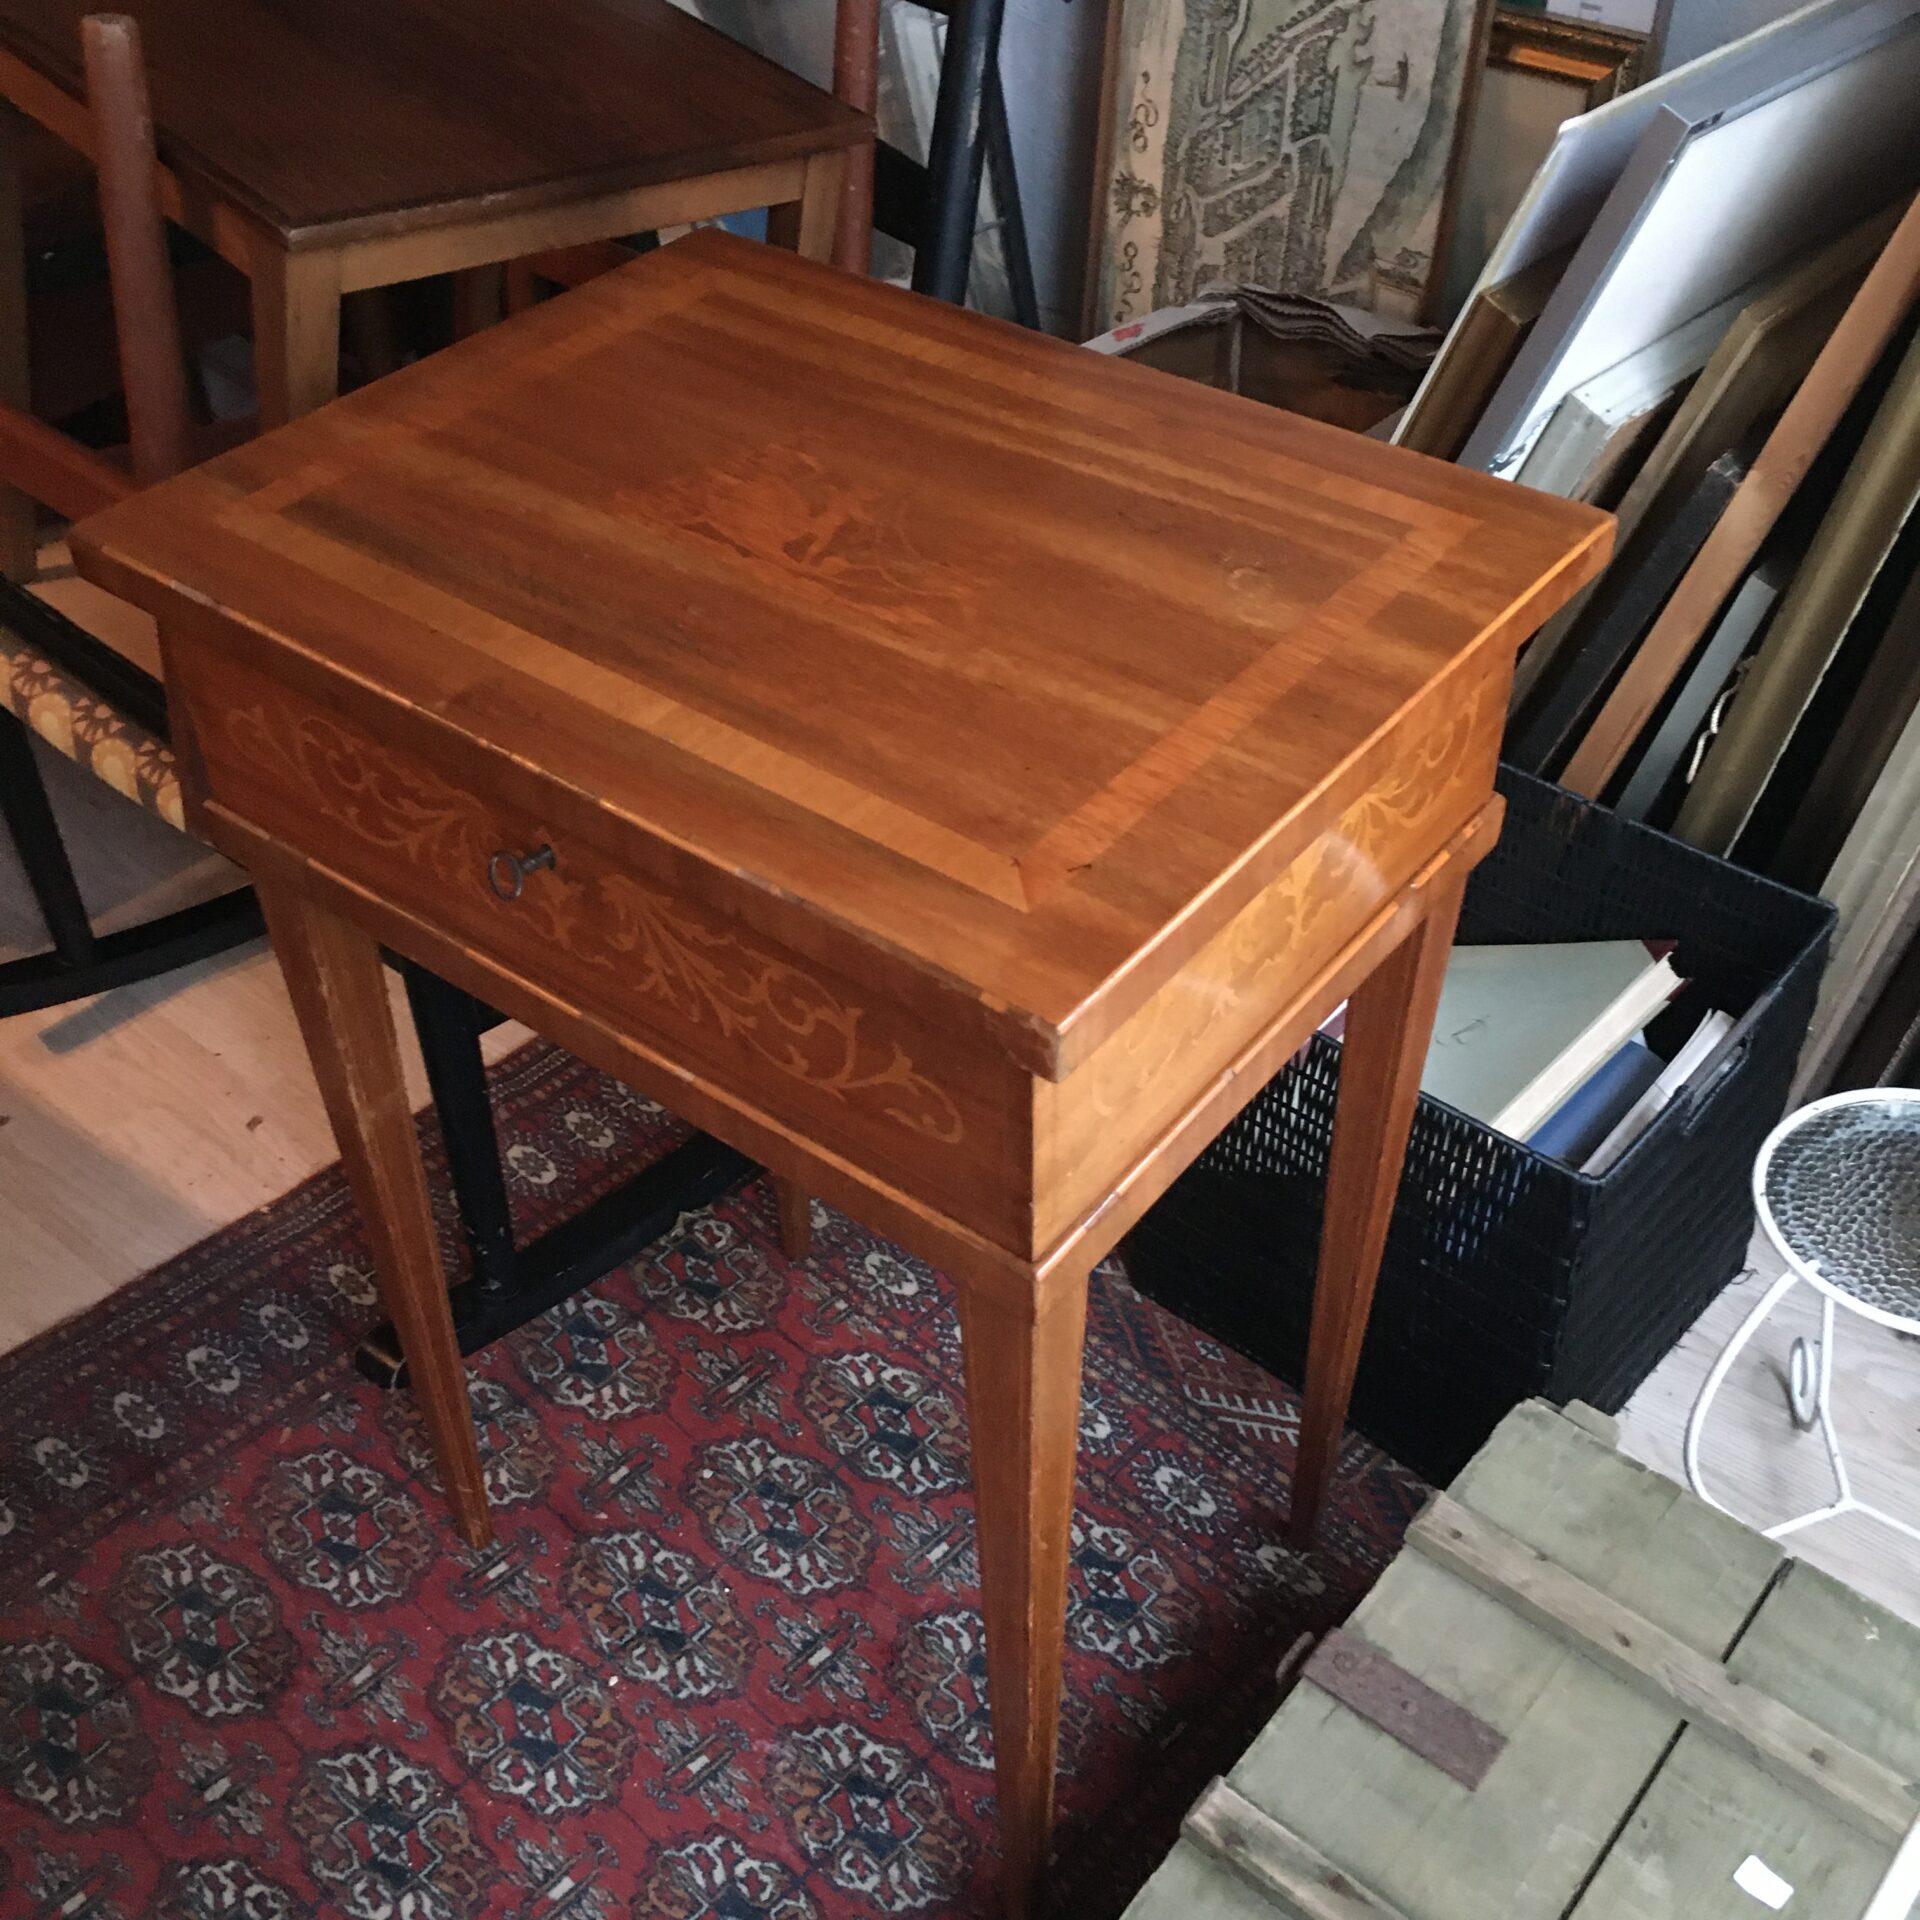 antik sybord, mahogny med indlagt rosentræ, pris 500 kr